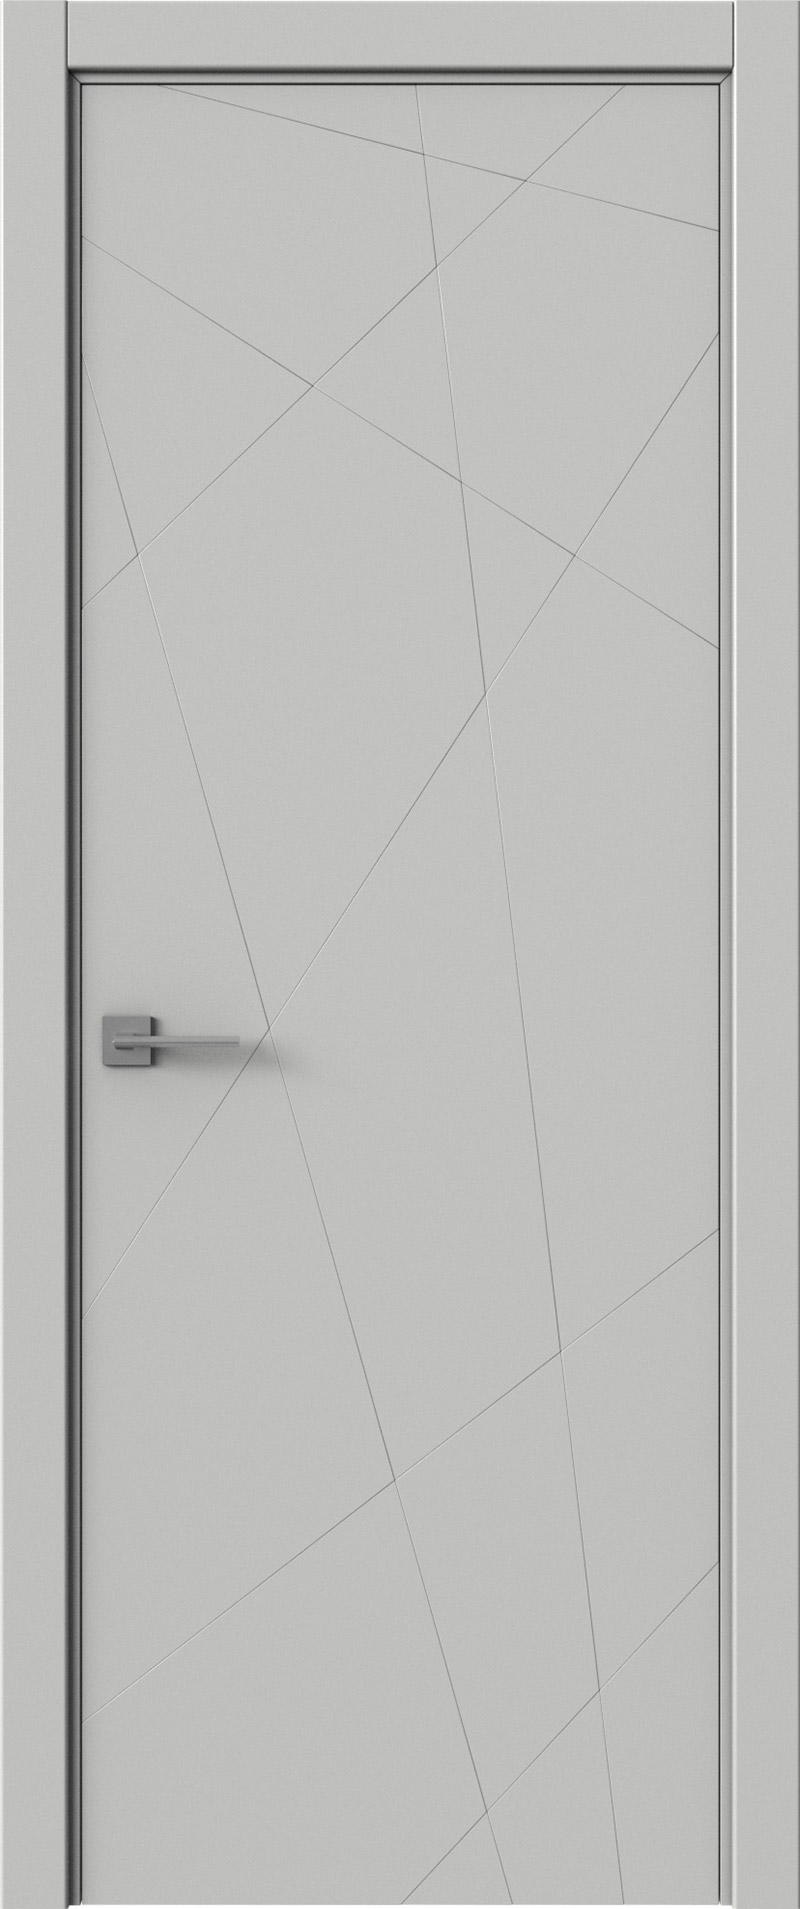 Tivoli В-5 цвет - Серая эмаль (RAL 7047) Без стекла (ДГ)